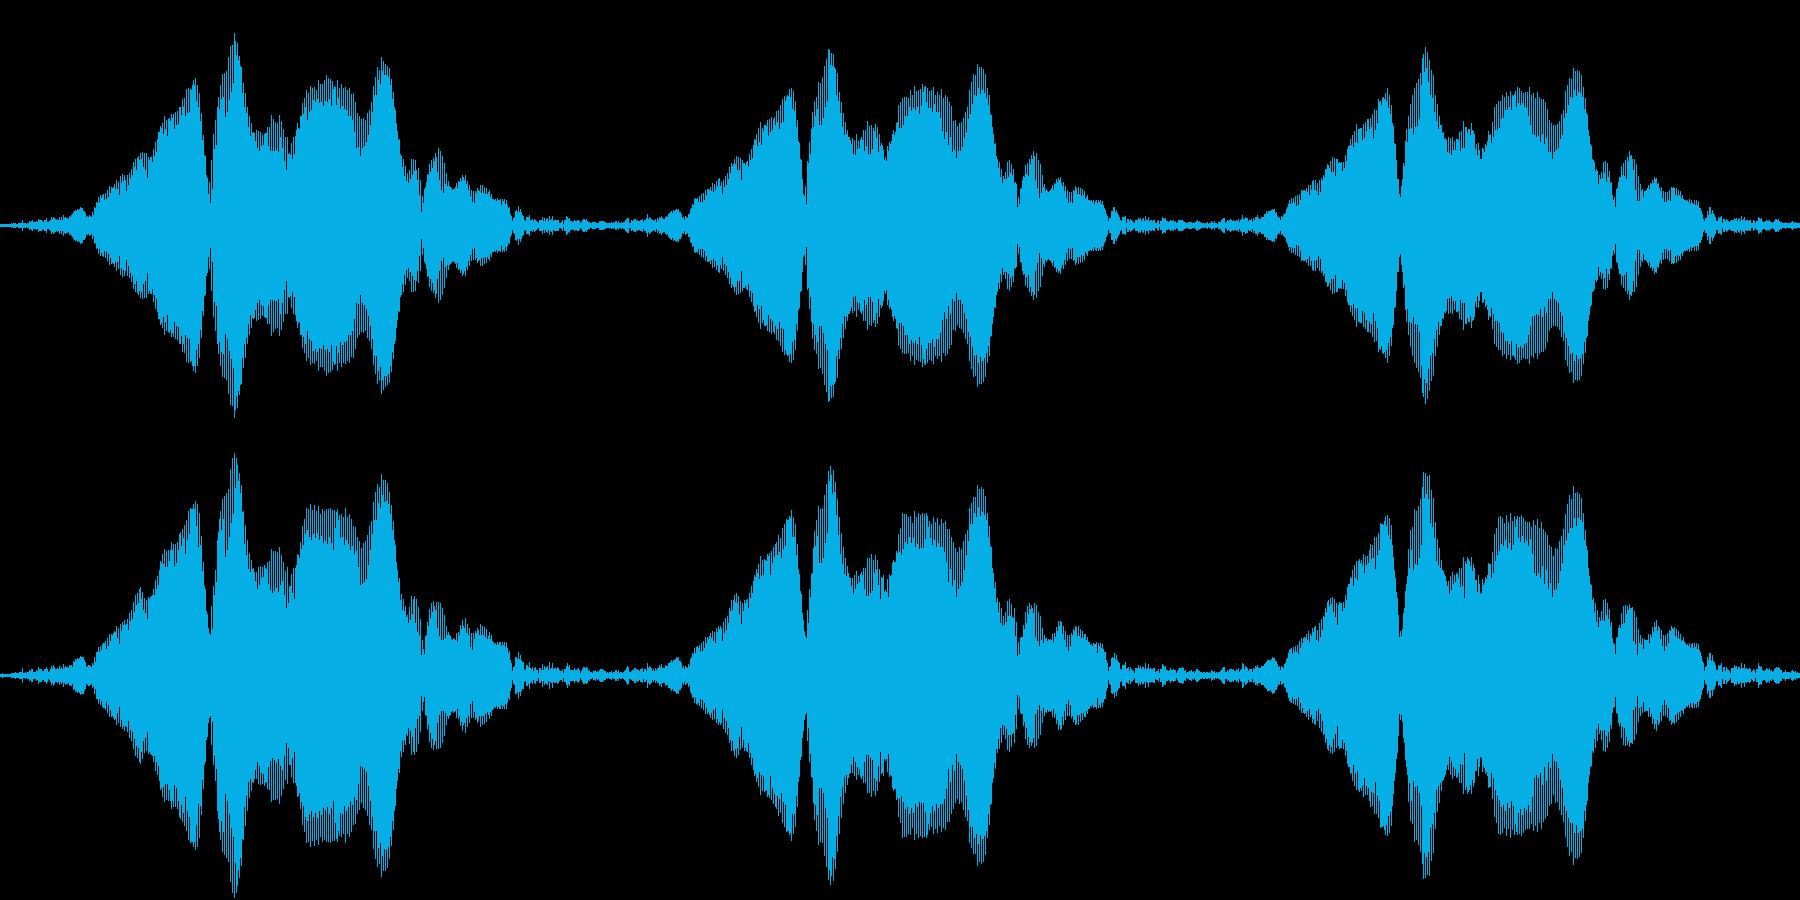 声を消すピー音(ネコの鳴き声バージョン)の再生済みの波形